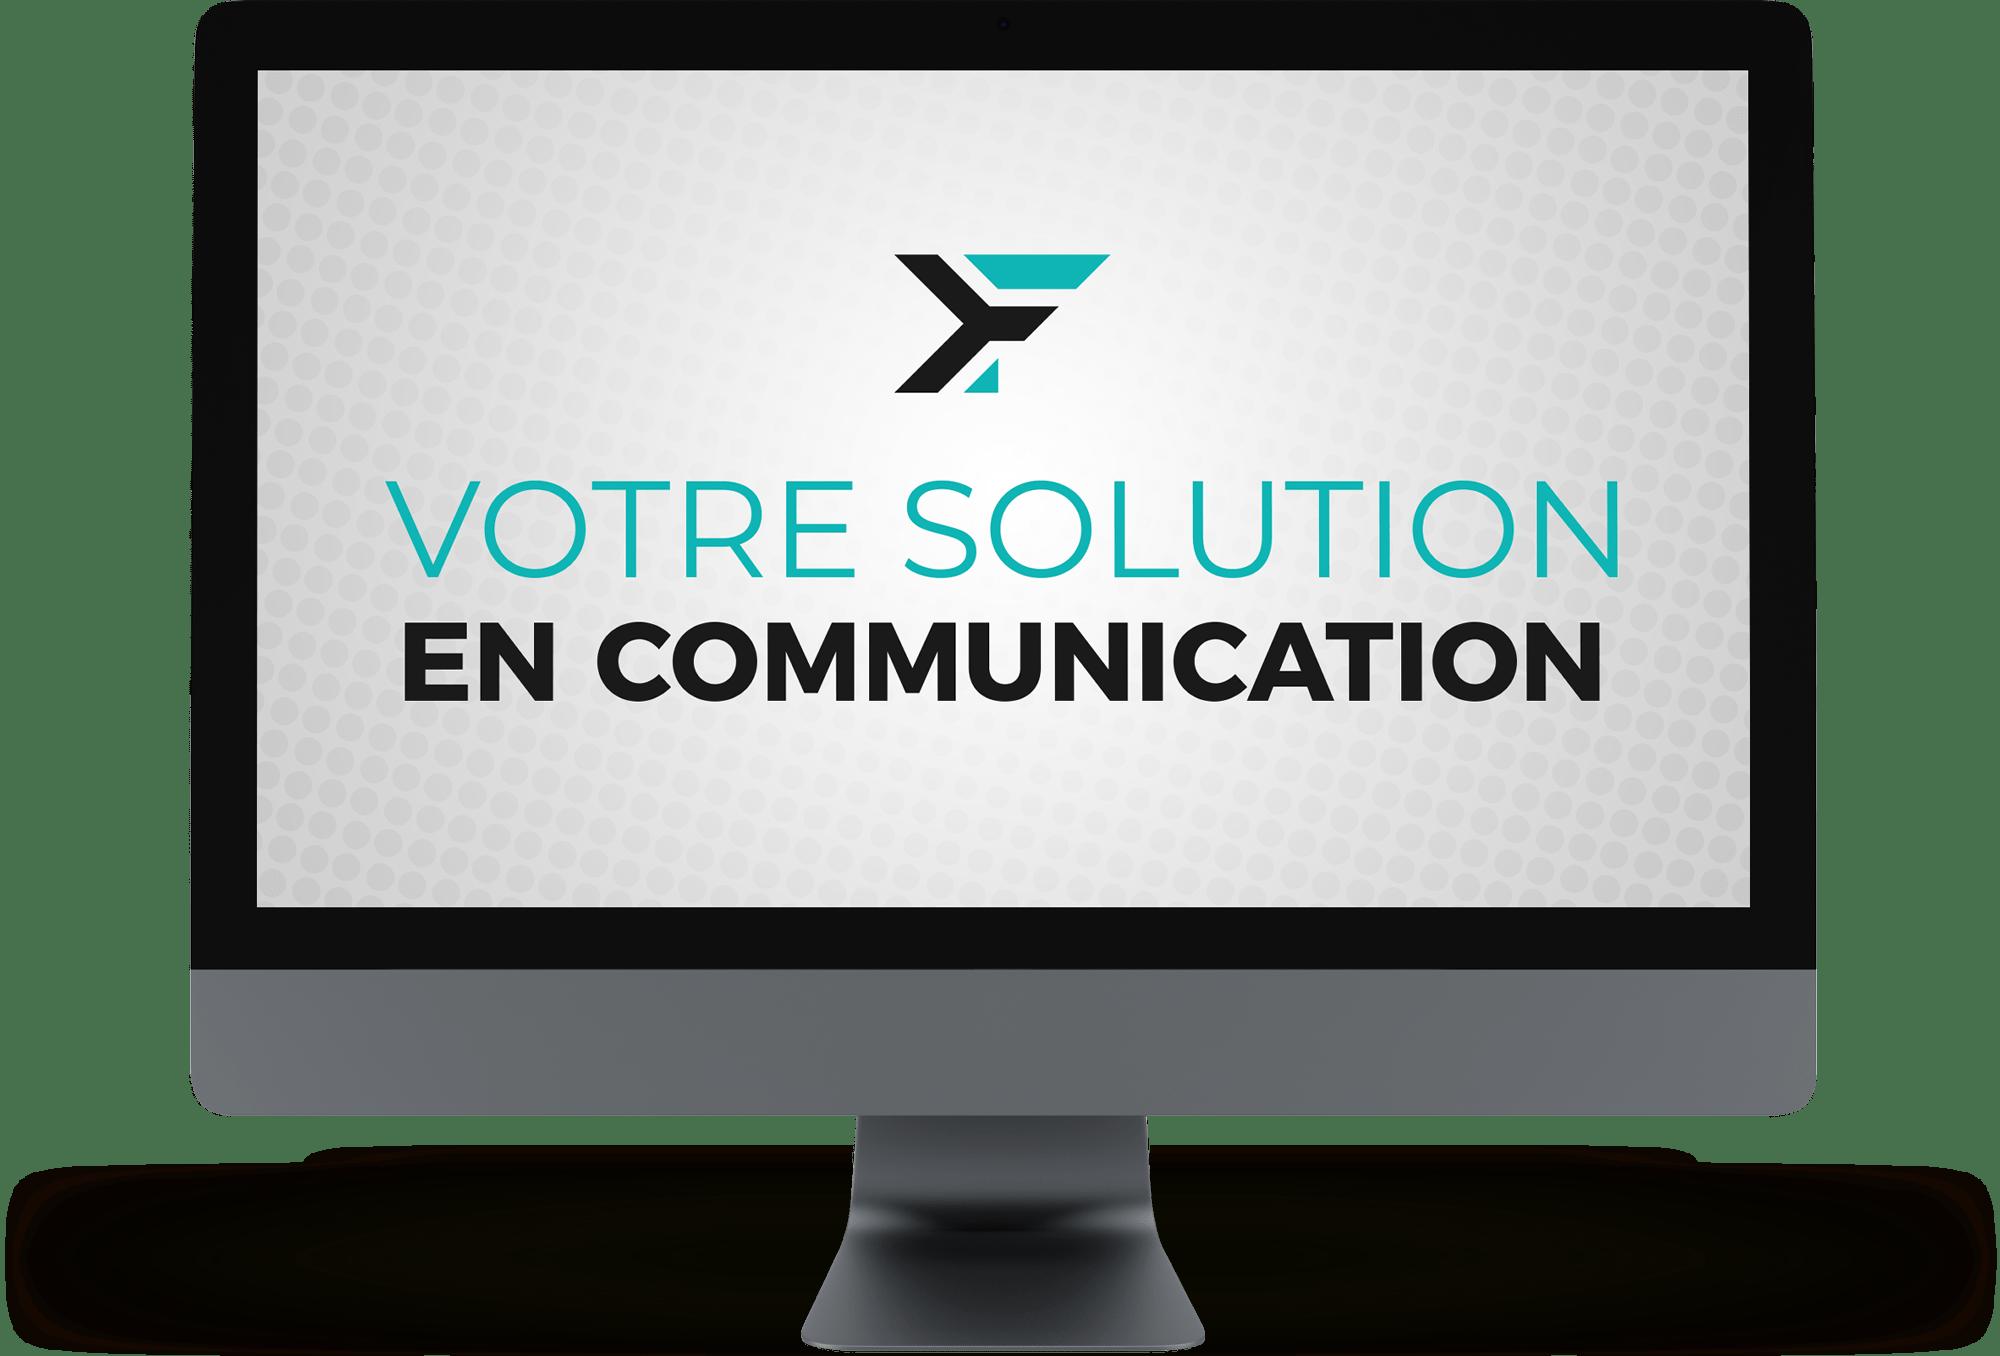 votre solution en communication